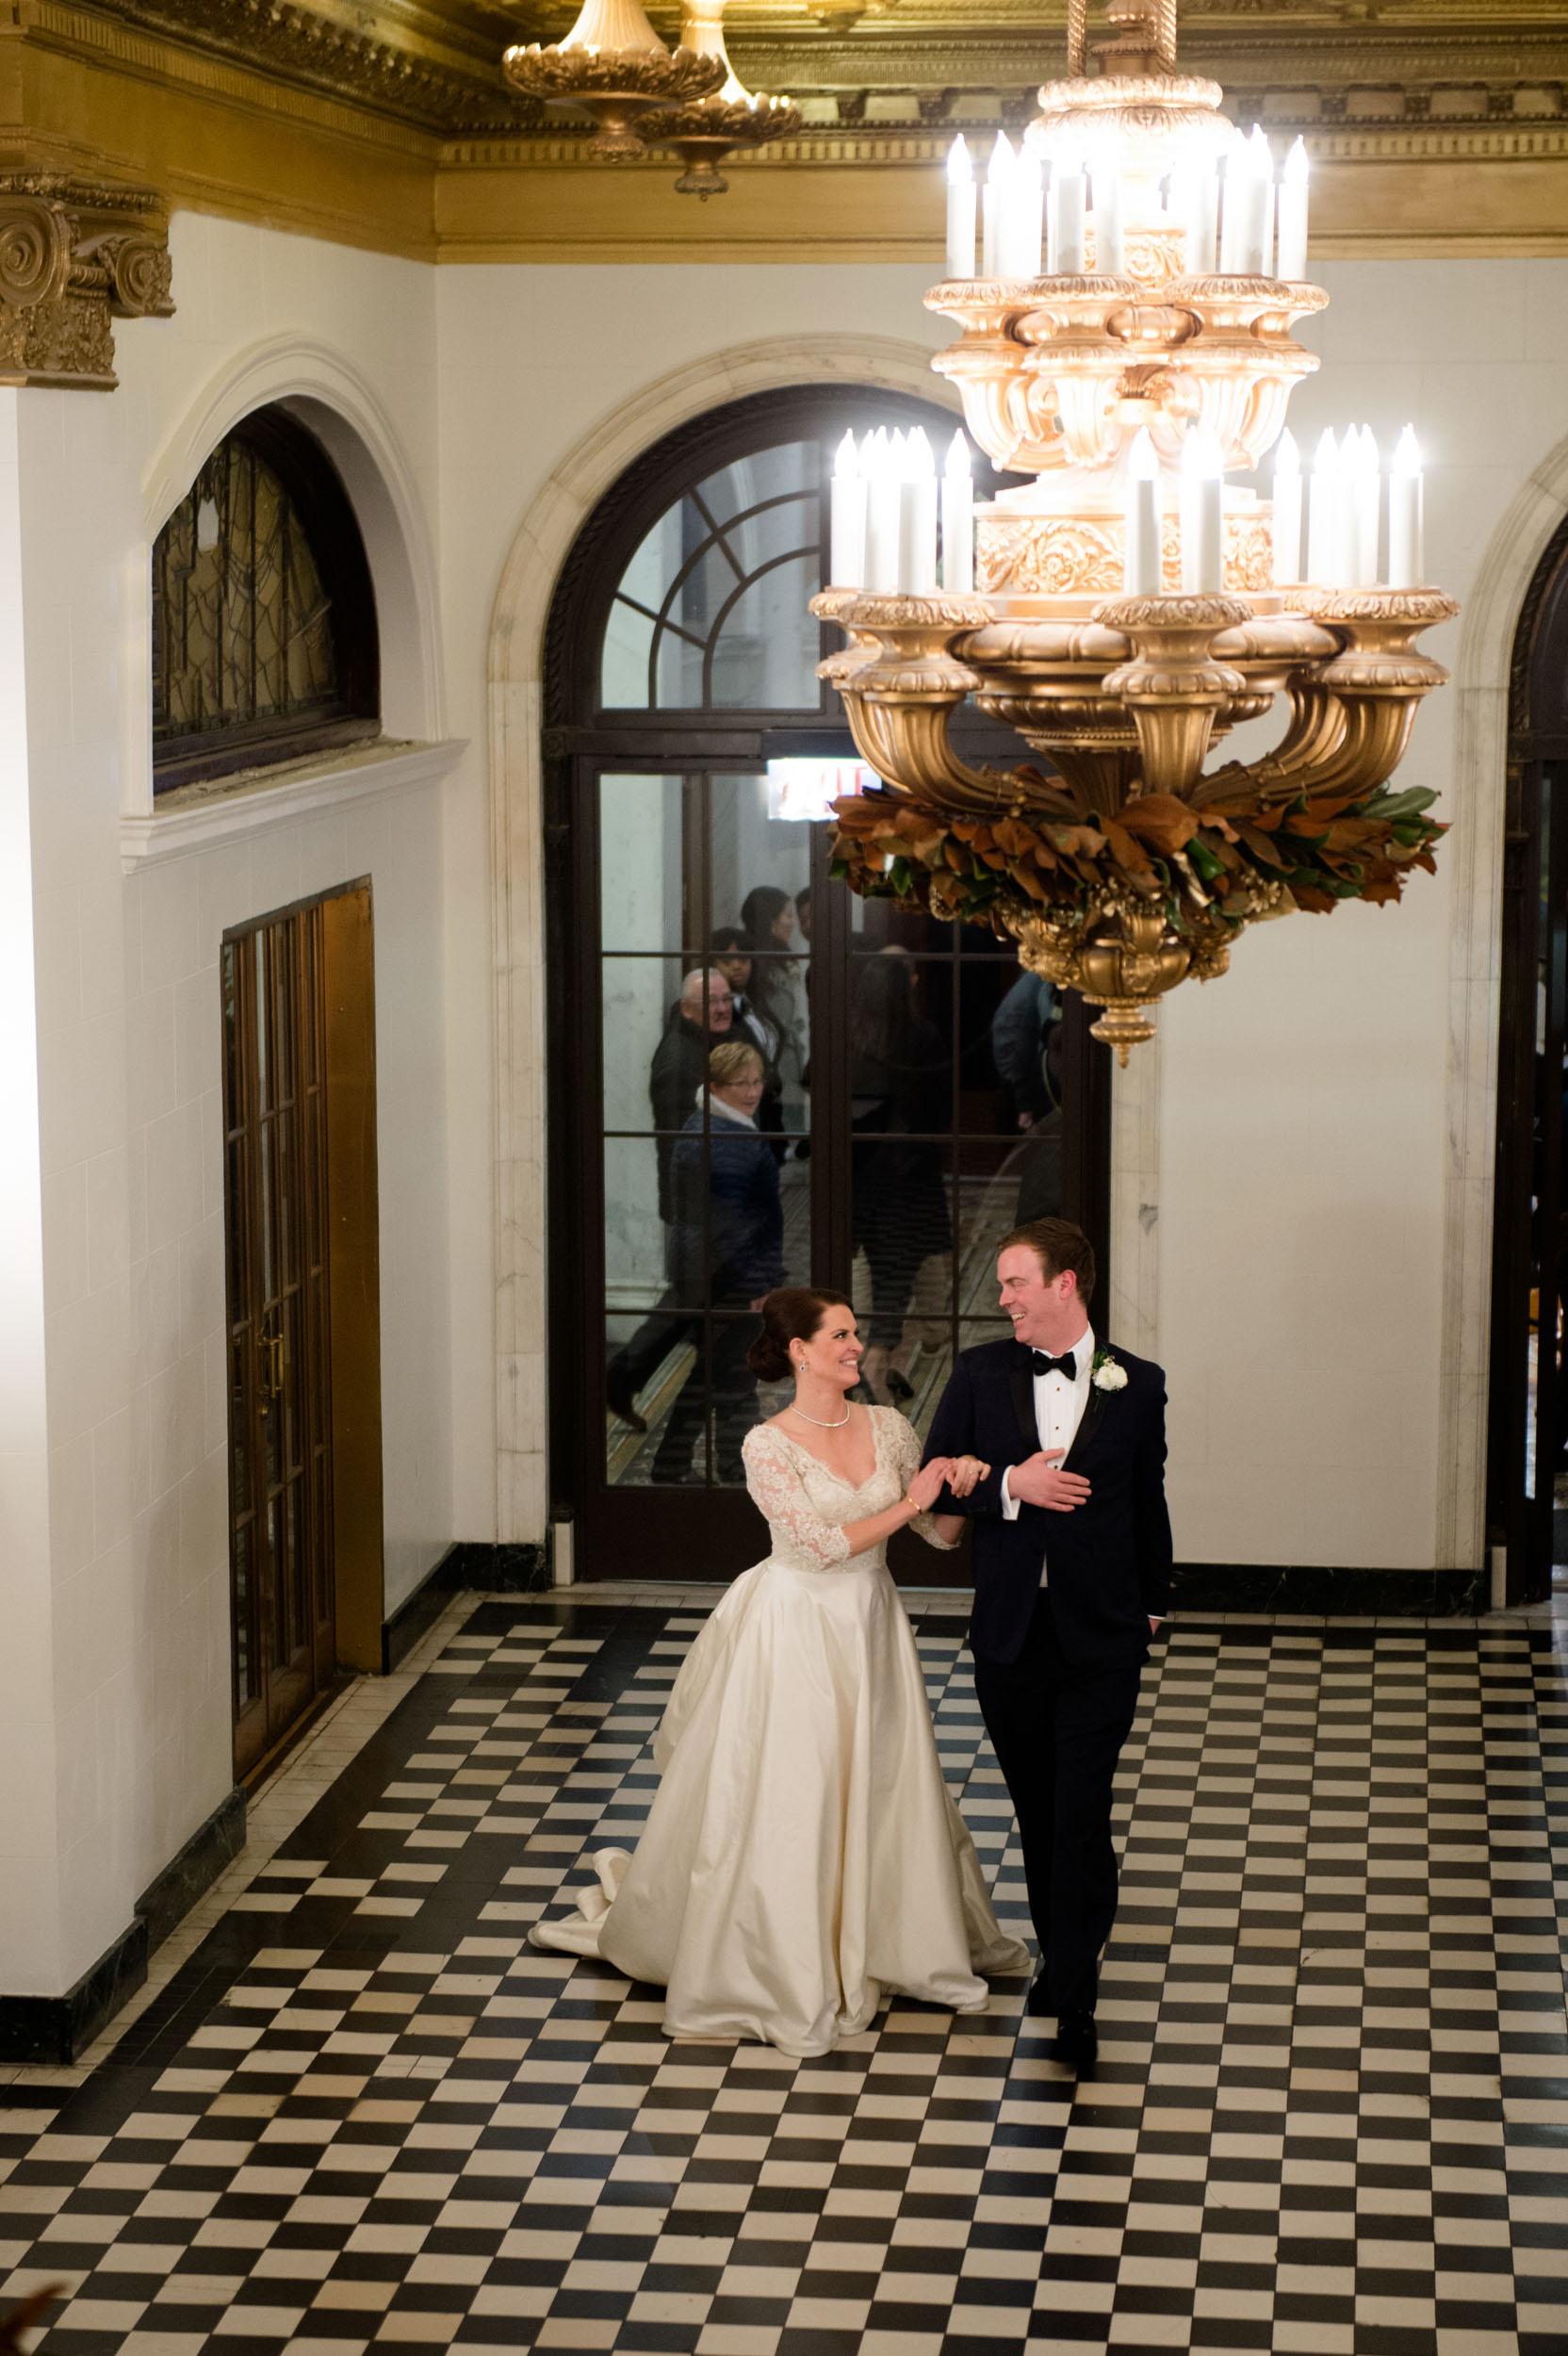 Indoor wedding portraits in Chicago